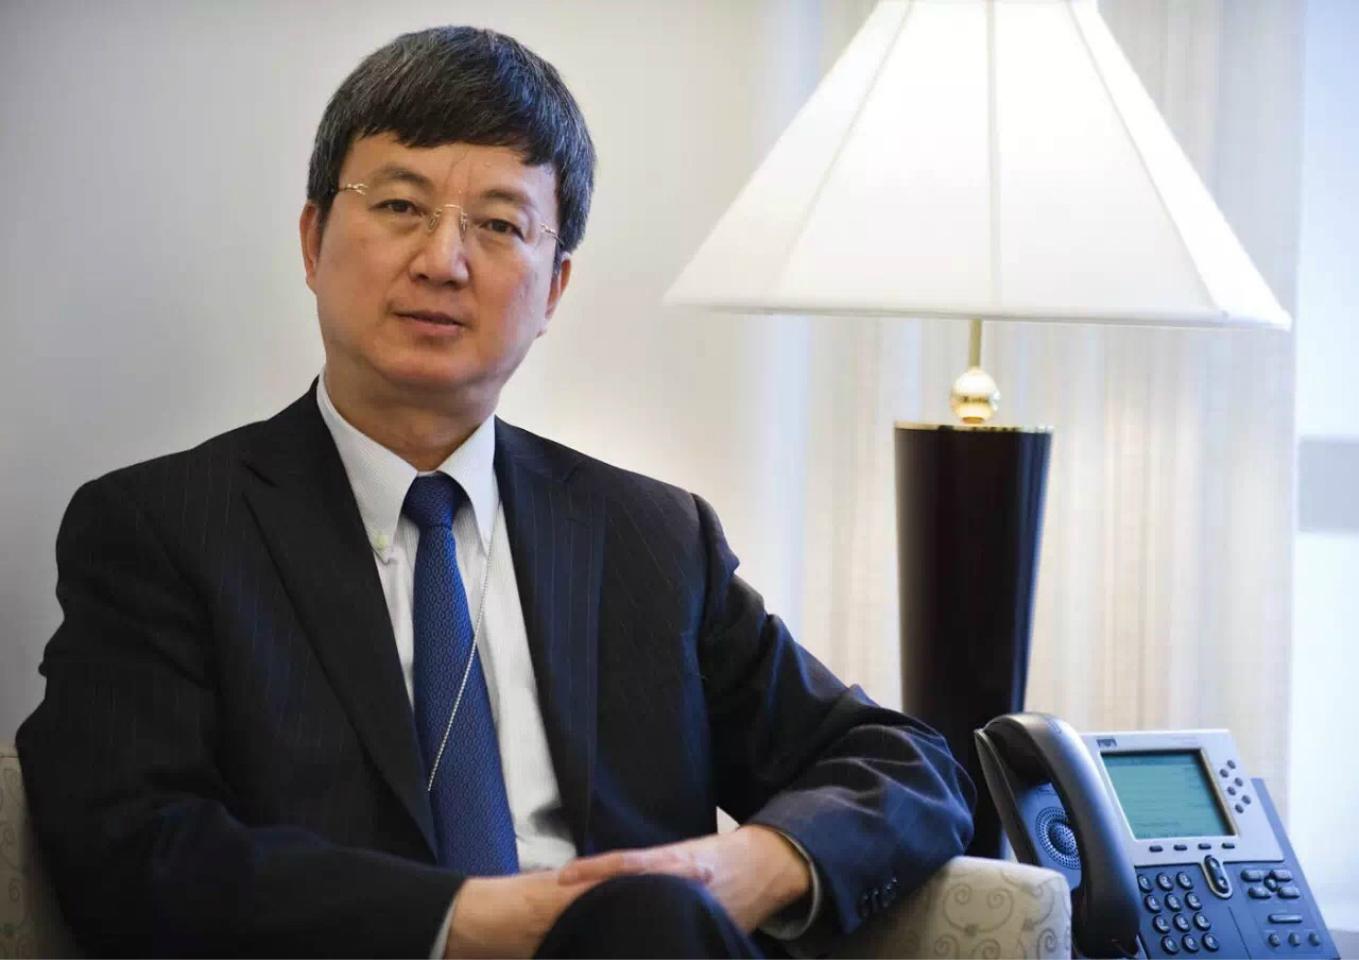 朱民:中国成为制造强国的关键,制造业与人工智能结合